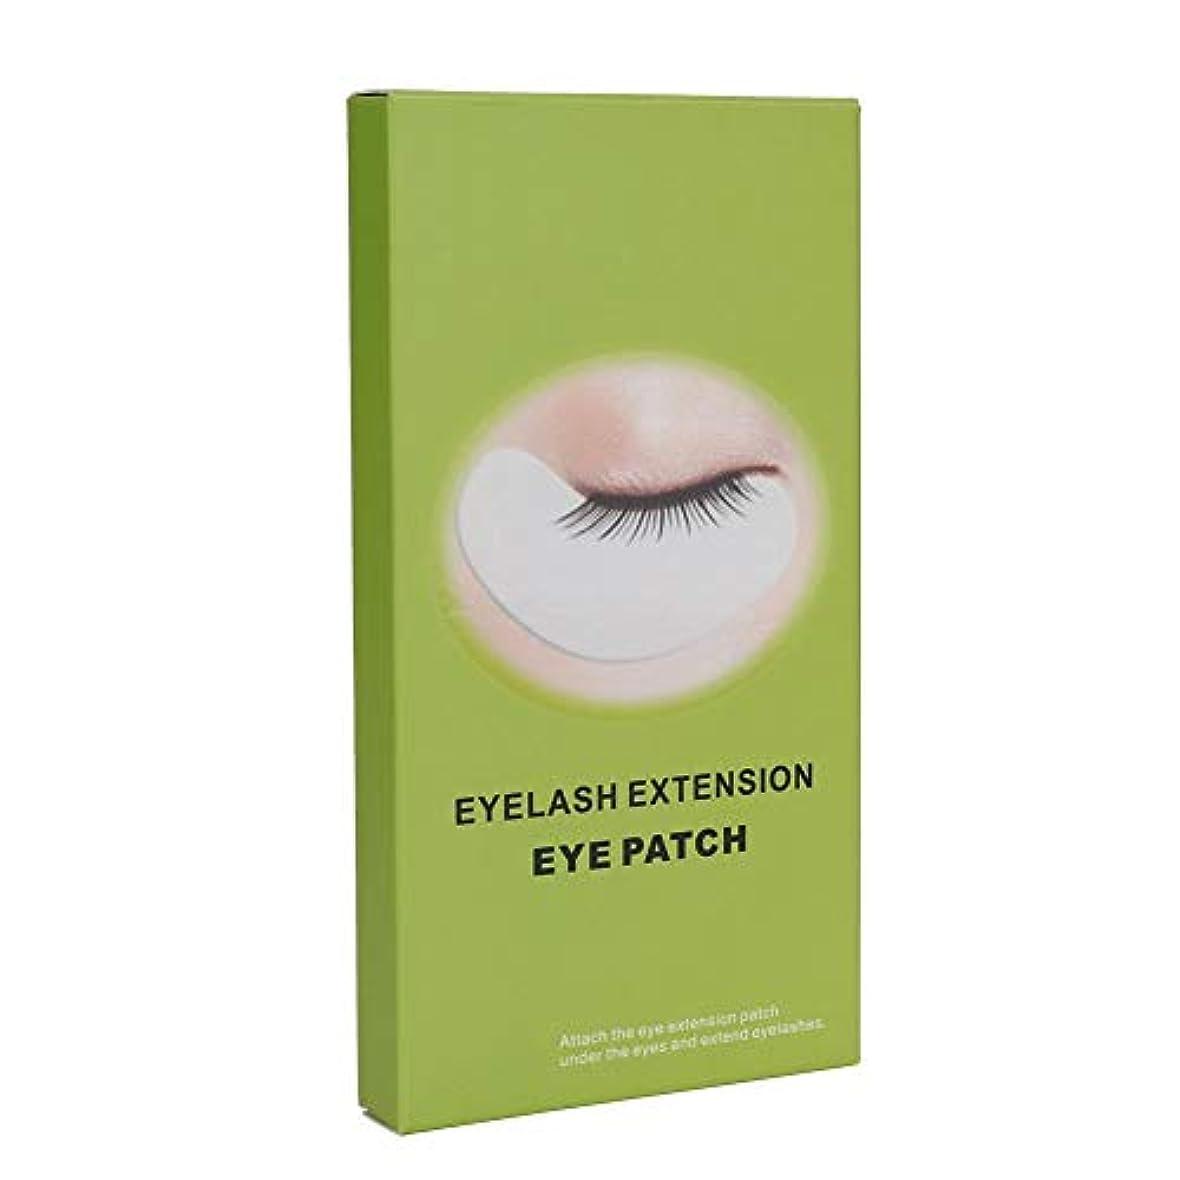 関係ないデュアル免疫する10対のまつげパッド - プロのアイジェルパッチ、DIYつけまつげエクステ化粧品 - 拡張アイエクステンションまつげ美容